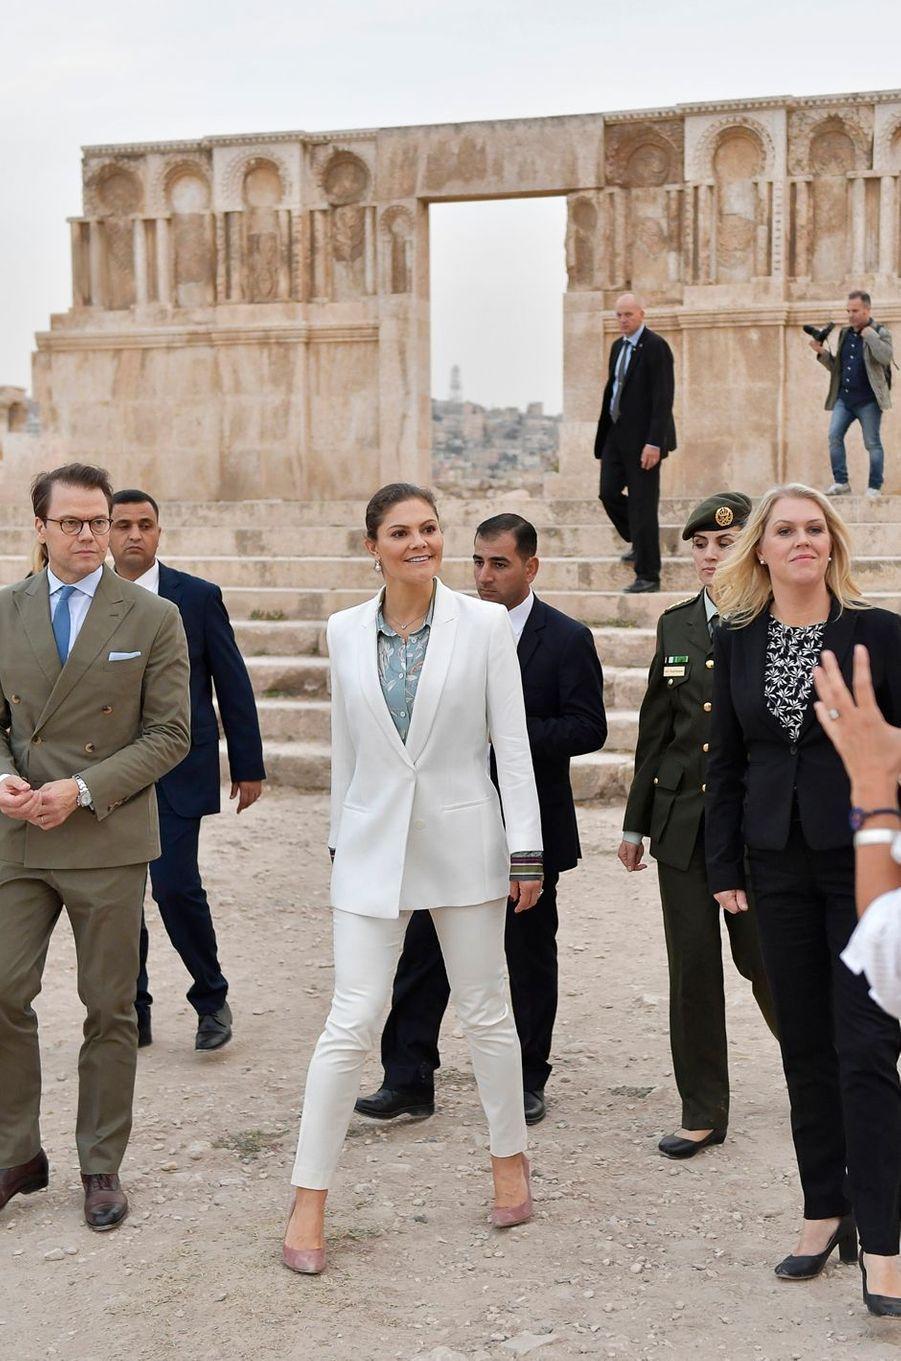 La princesse Victoria de Suède et le prince Daniel sur le site de la Citadelle d'Amman en Jordanie, le 15 octobre 2018